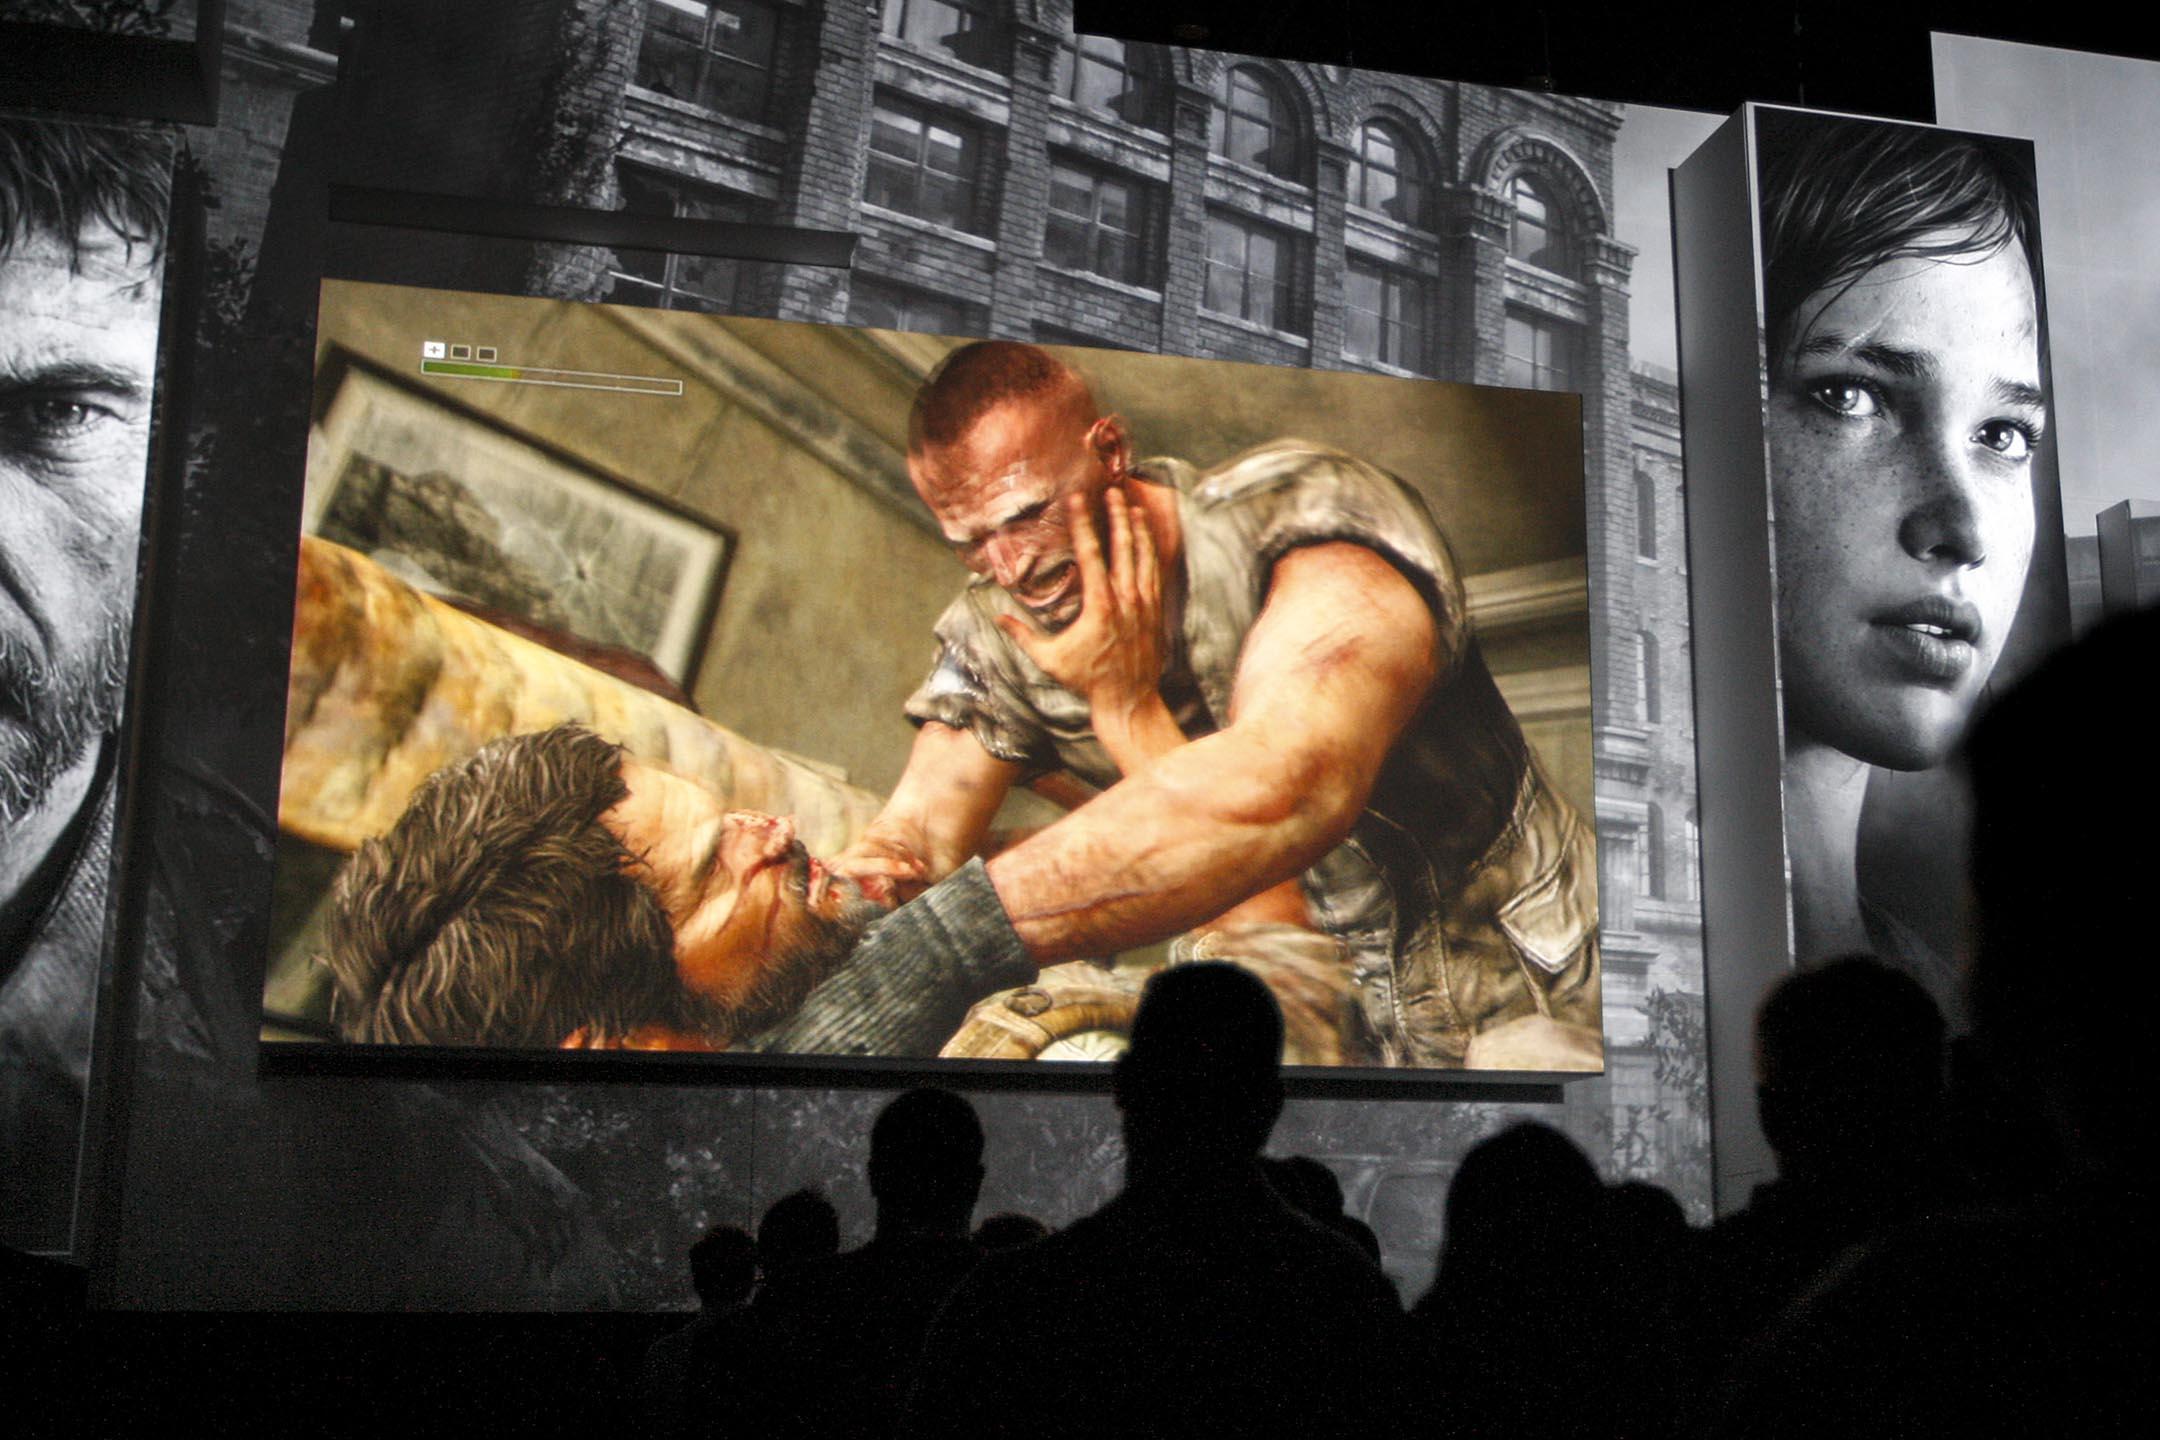 每次出現暴力犯罪,電子遊戲就經常被人拿出來指責。圖為2012年美國電玩展上,遊戲迷觀看《最後生還者》(The Last of Us)的介紹。 攝:David McNew/Getty Images